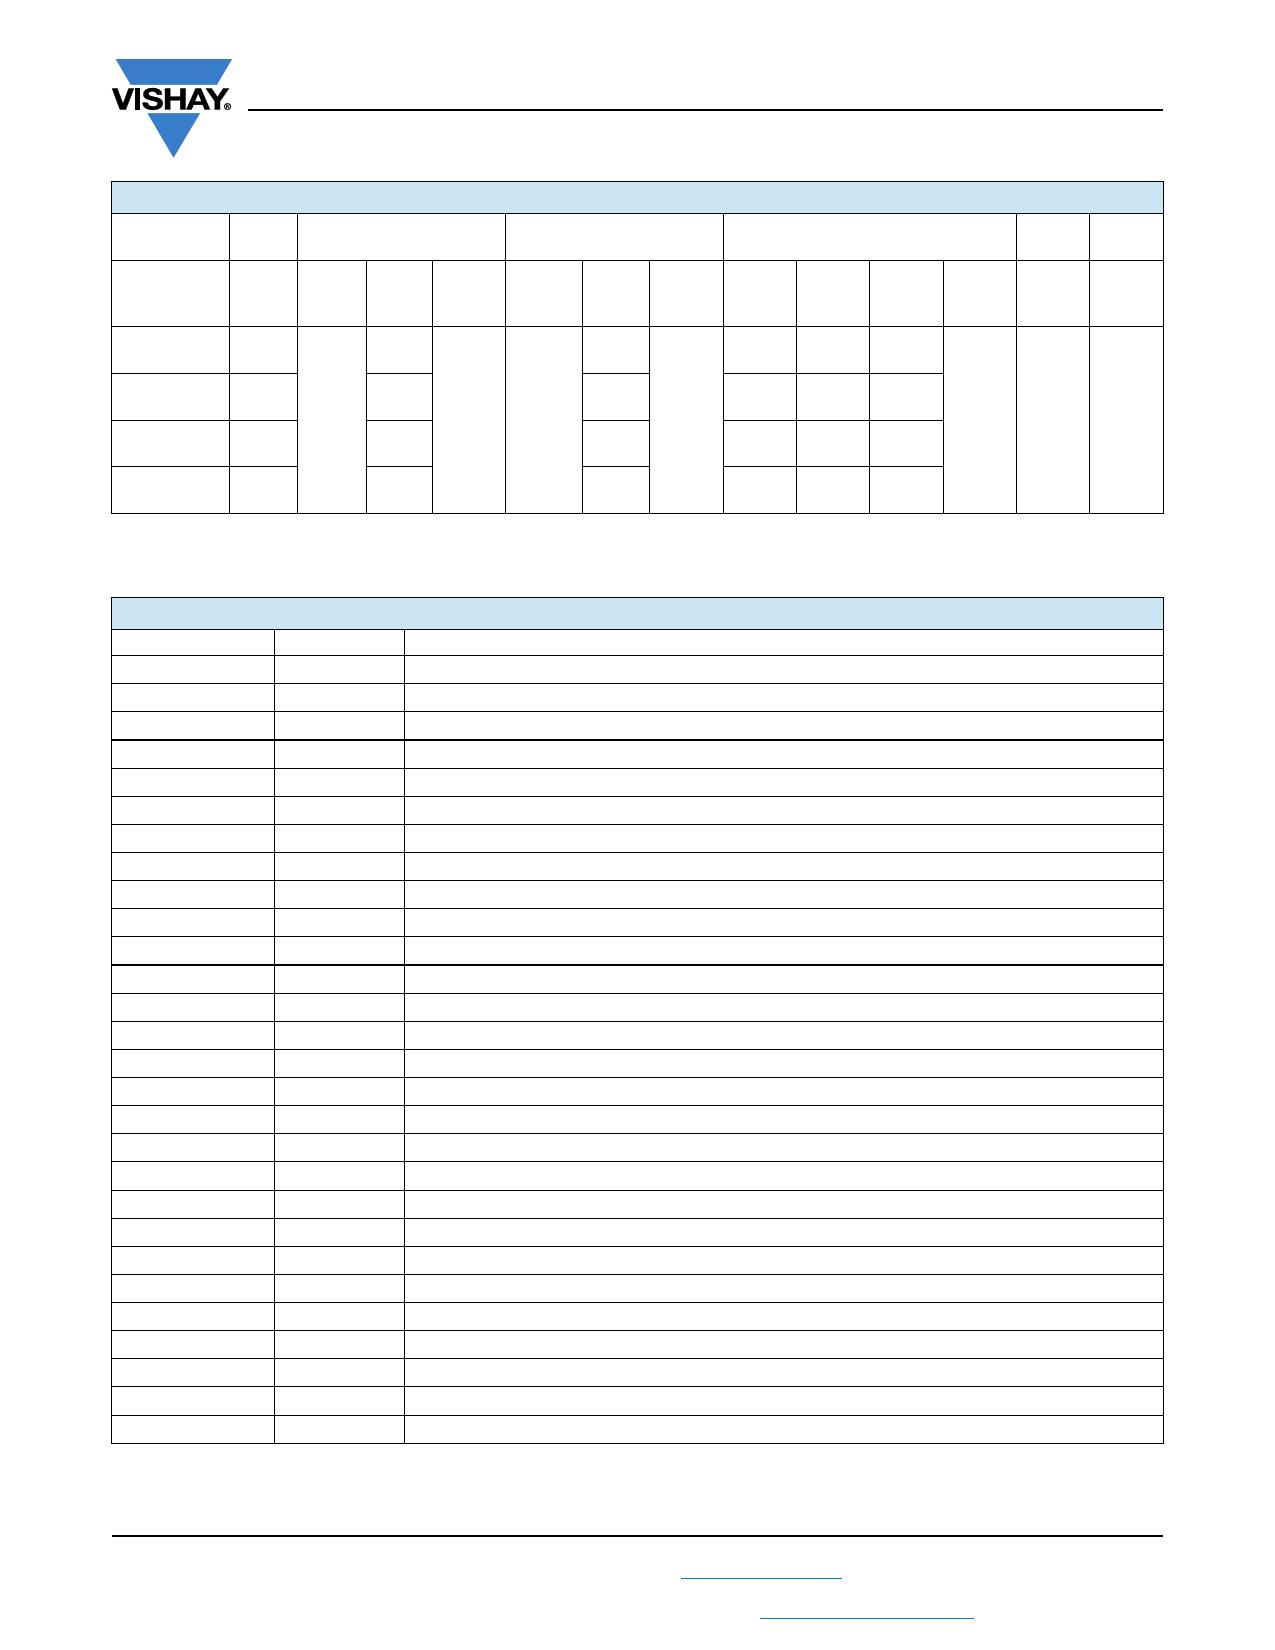 199D106Xxxxx pdf, 電子部品, 半導体, ピン配列